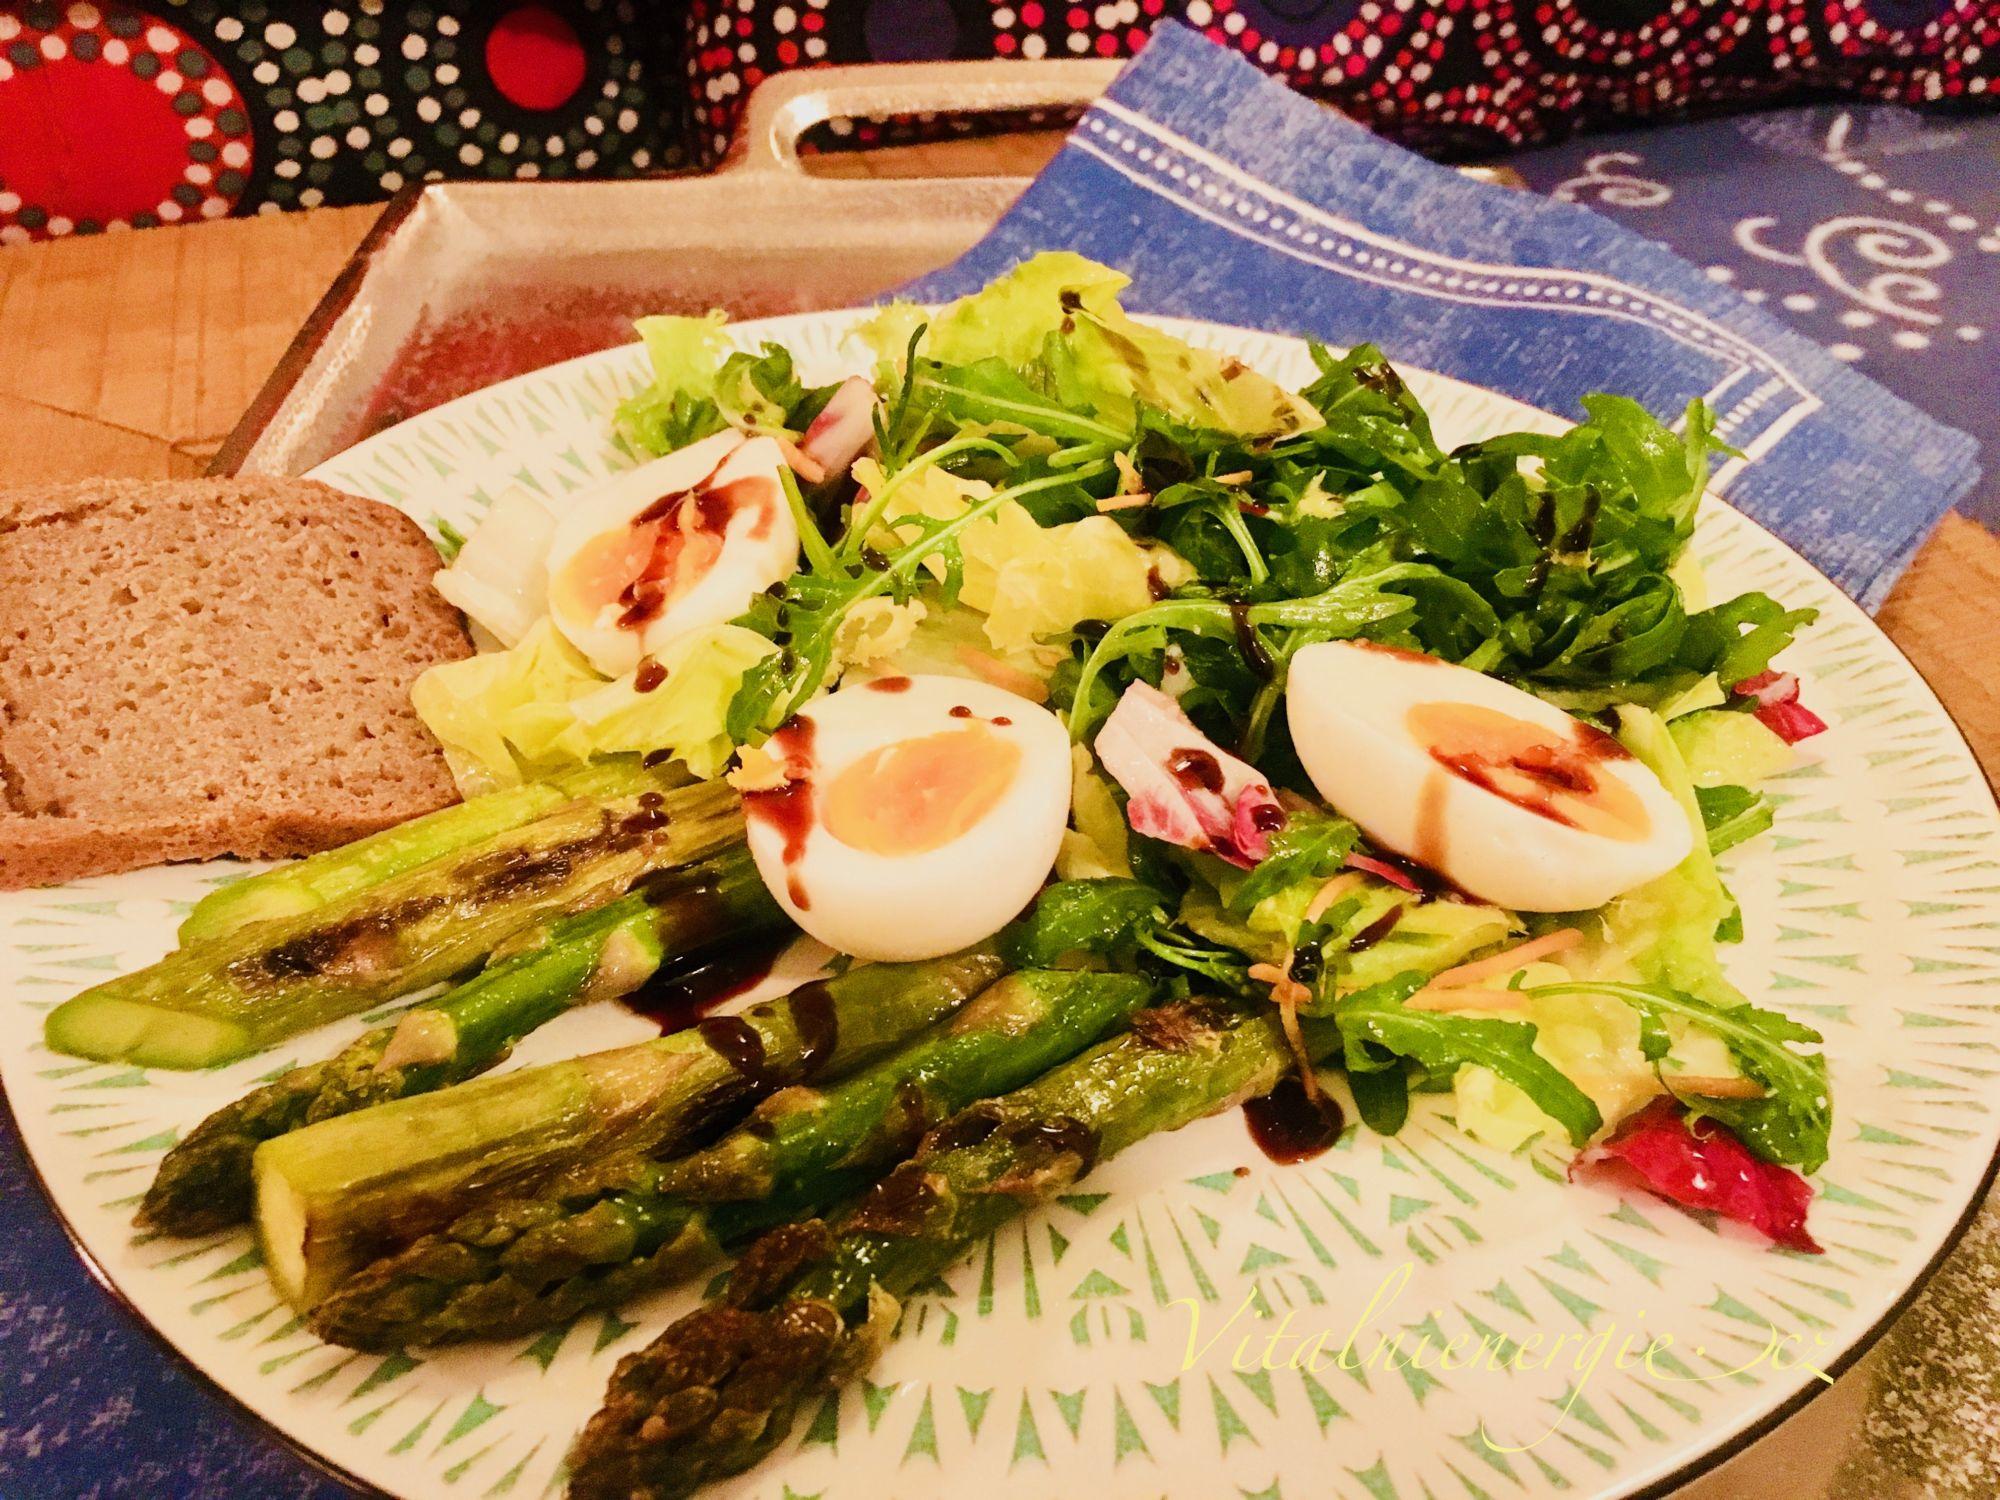 Jak zhubnout vmenopauze - Chřestový salát svejci